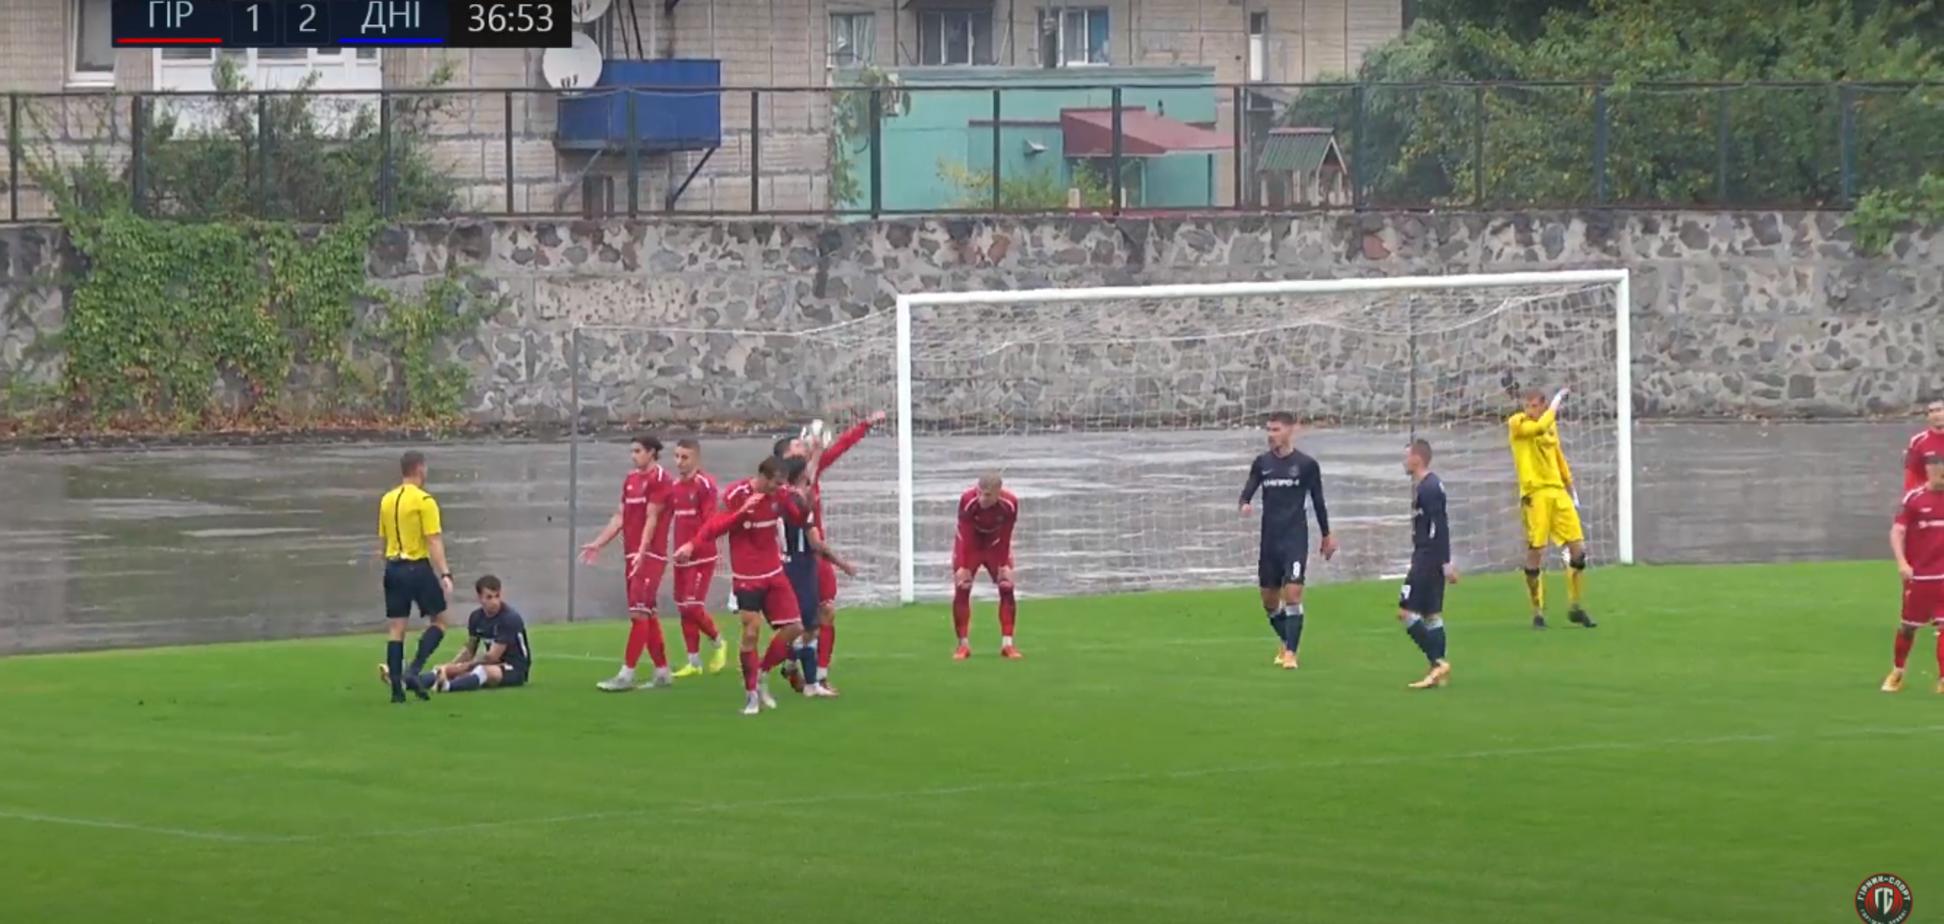 Футболист в Кубке Украины забил сумасшедший 'многоразовый' пенальти. Видео